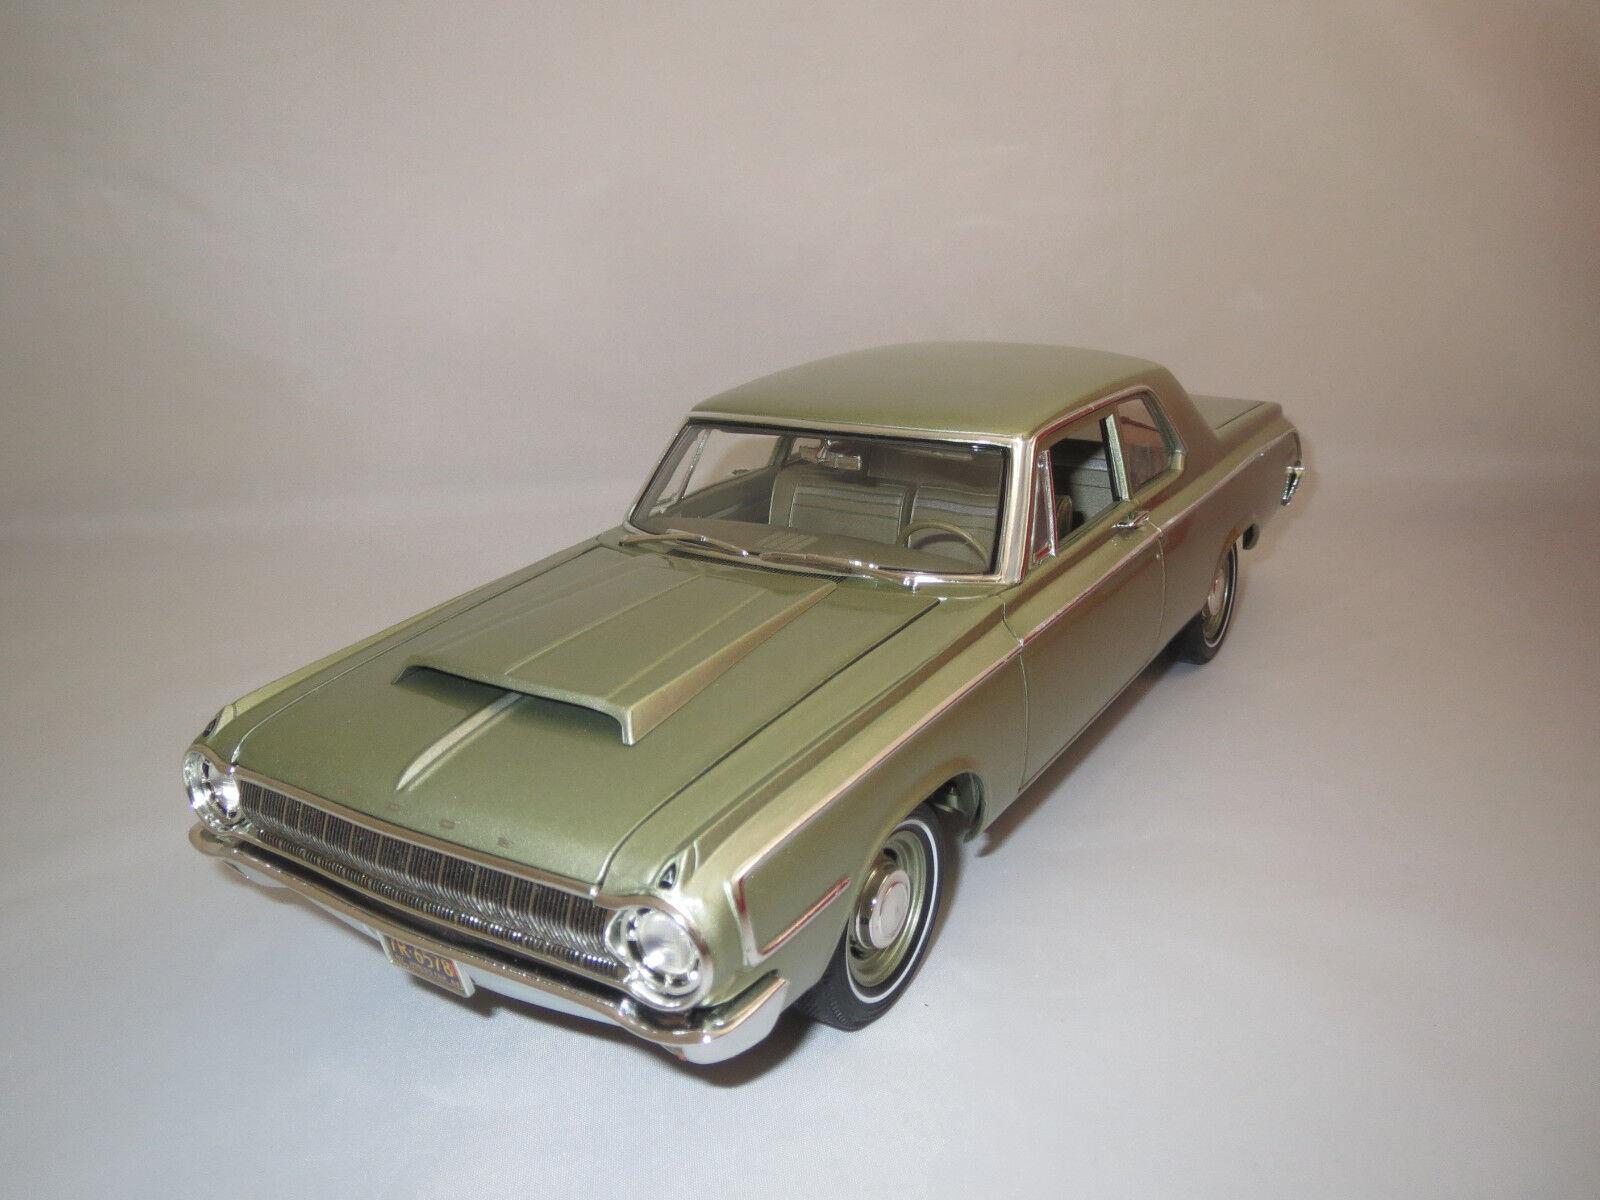 Highway 61 DODGE  1964  (vert clair-met.) 1 18 sans emballage